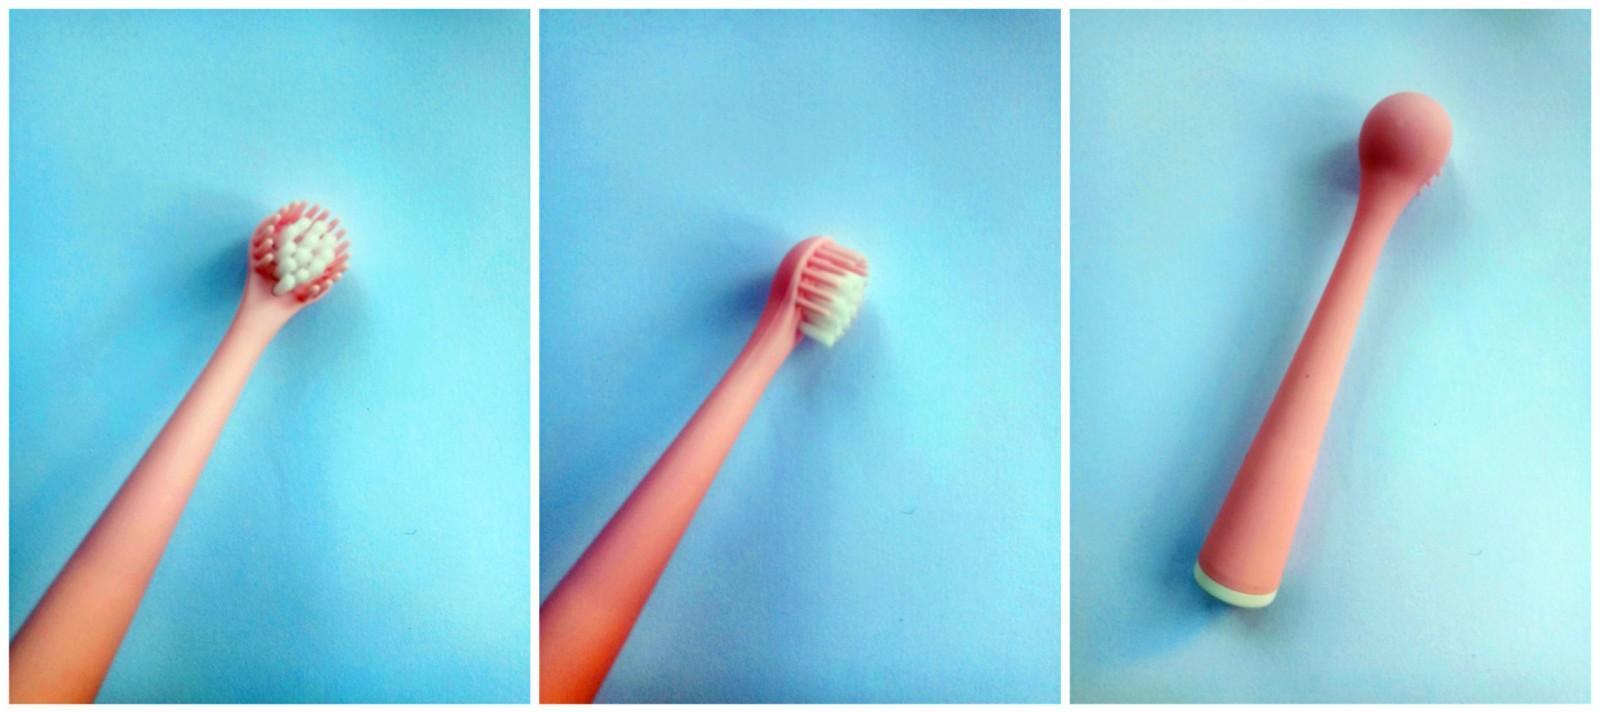 一只超级软萌可爱又实用的分段护理儿童牙刷